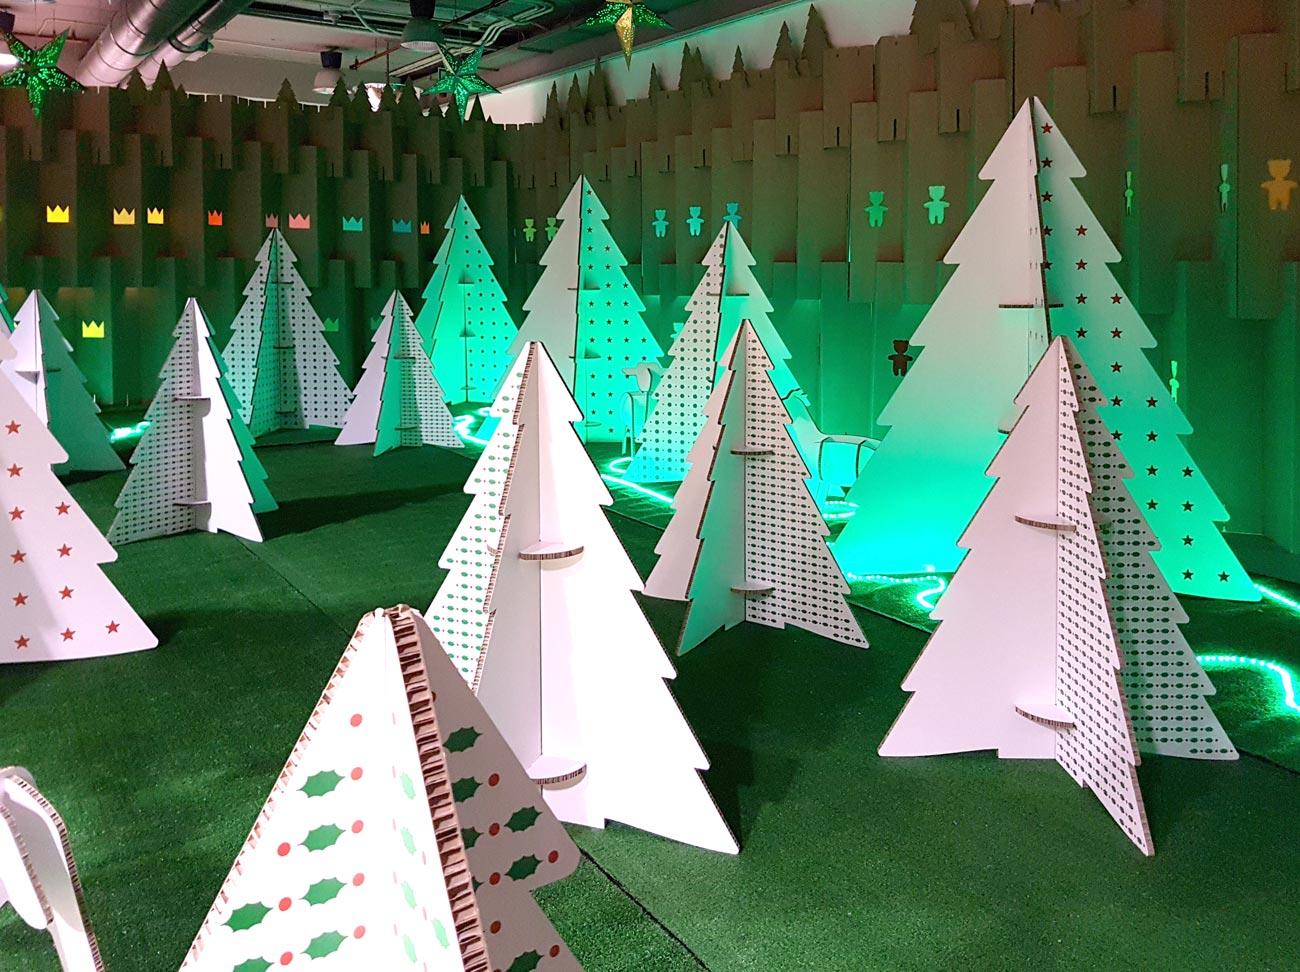 decoración navideña en centro comercial habaneras torrevieja fabrica de los sueños arboles carton bosque de los sueños